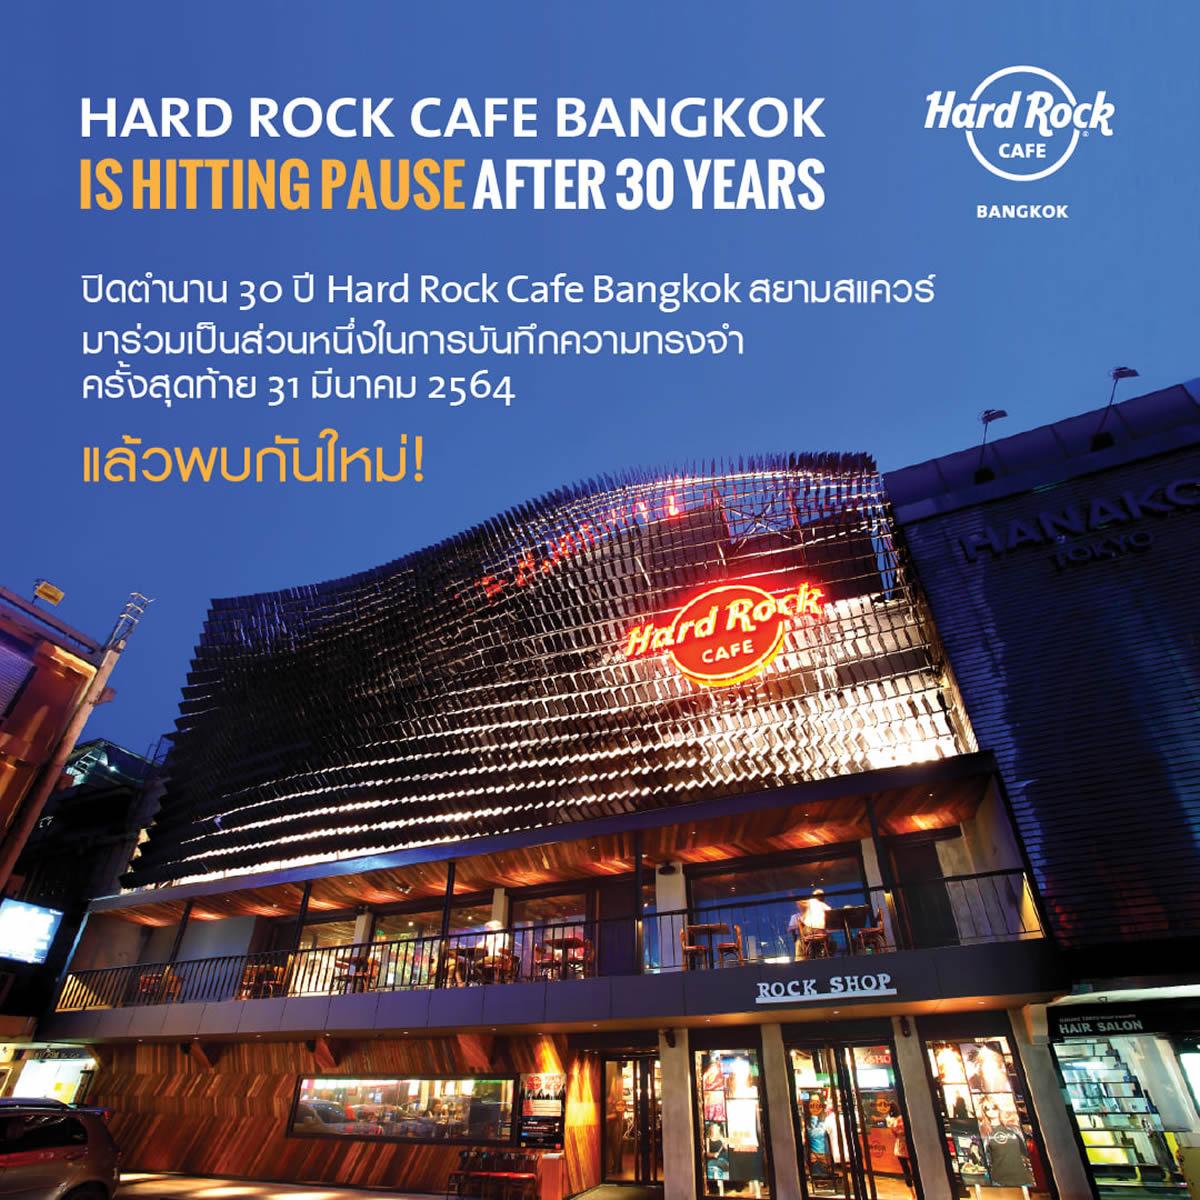 「ハードロックカフェ バンコク」が閉店、30年の歴史に幕